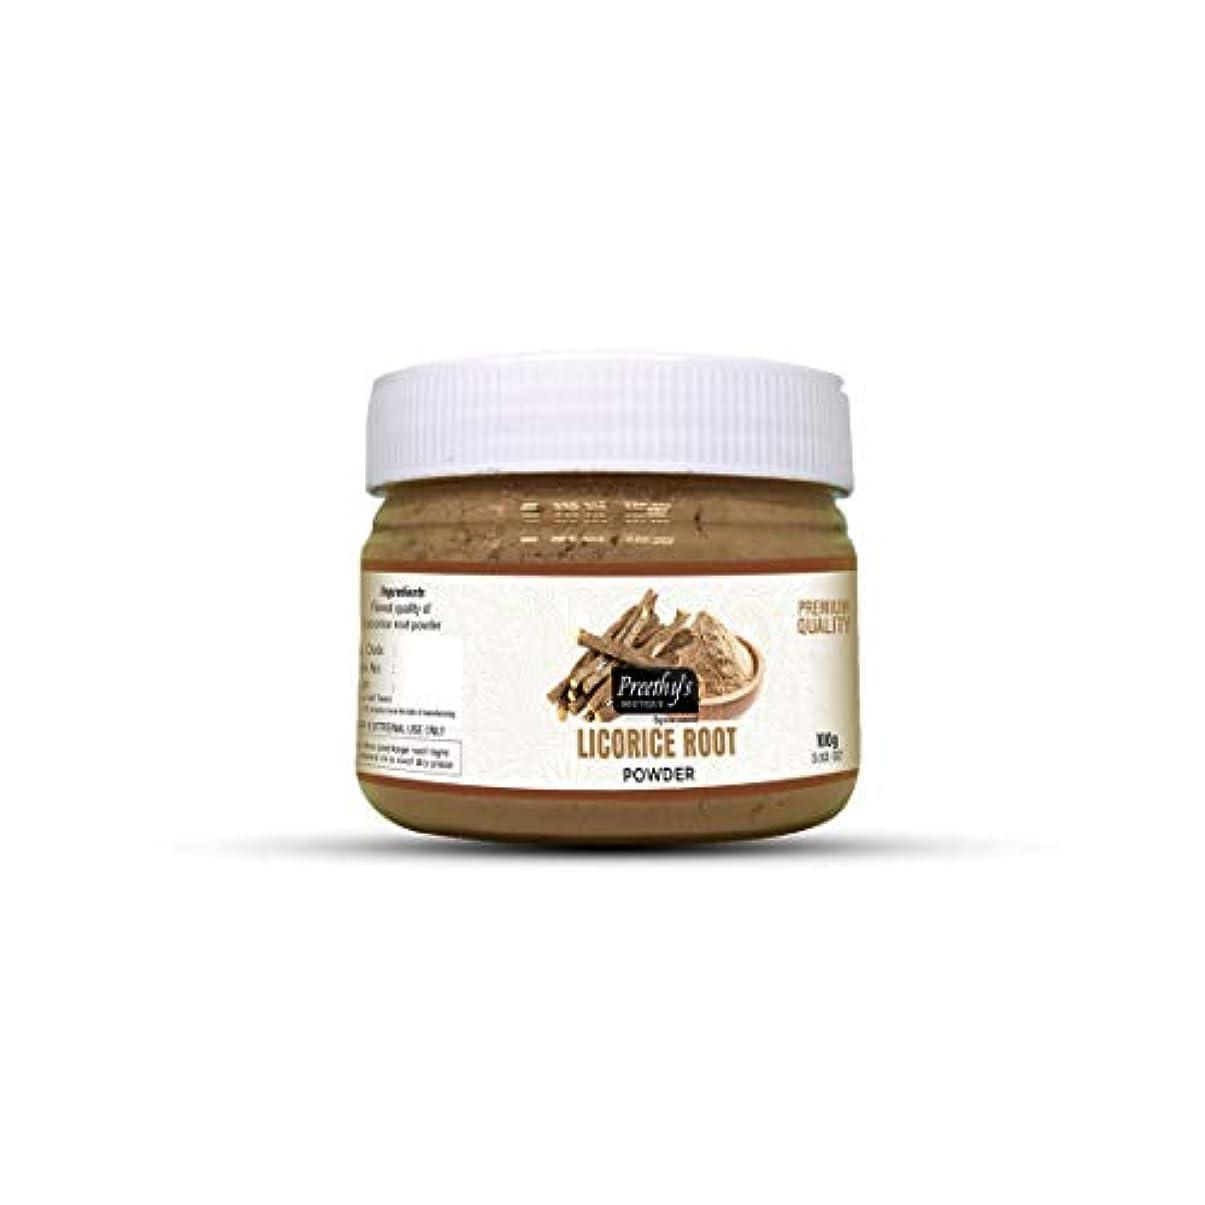 原子炉アライアンス気怠いLicorice (Mulethi) Powder For Skin Whitening 100 Grams - Natural Remedies for Skin disorders - Helps to diminish...